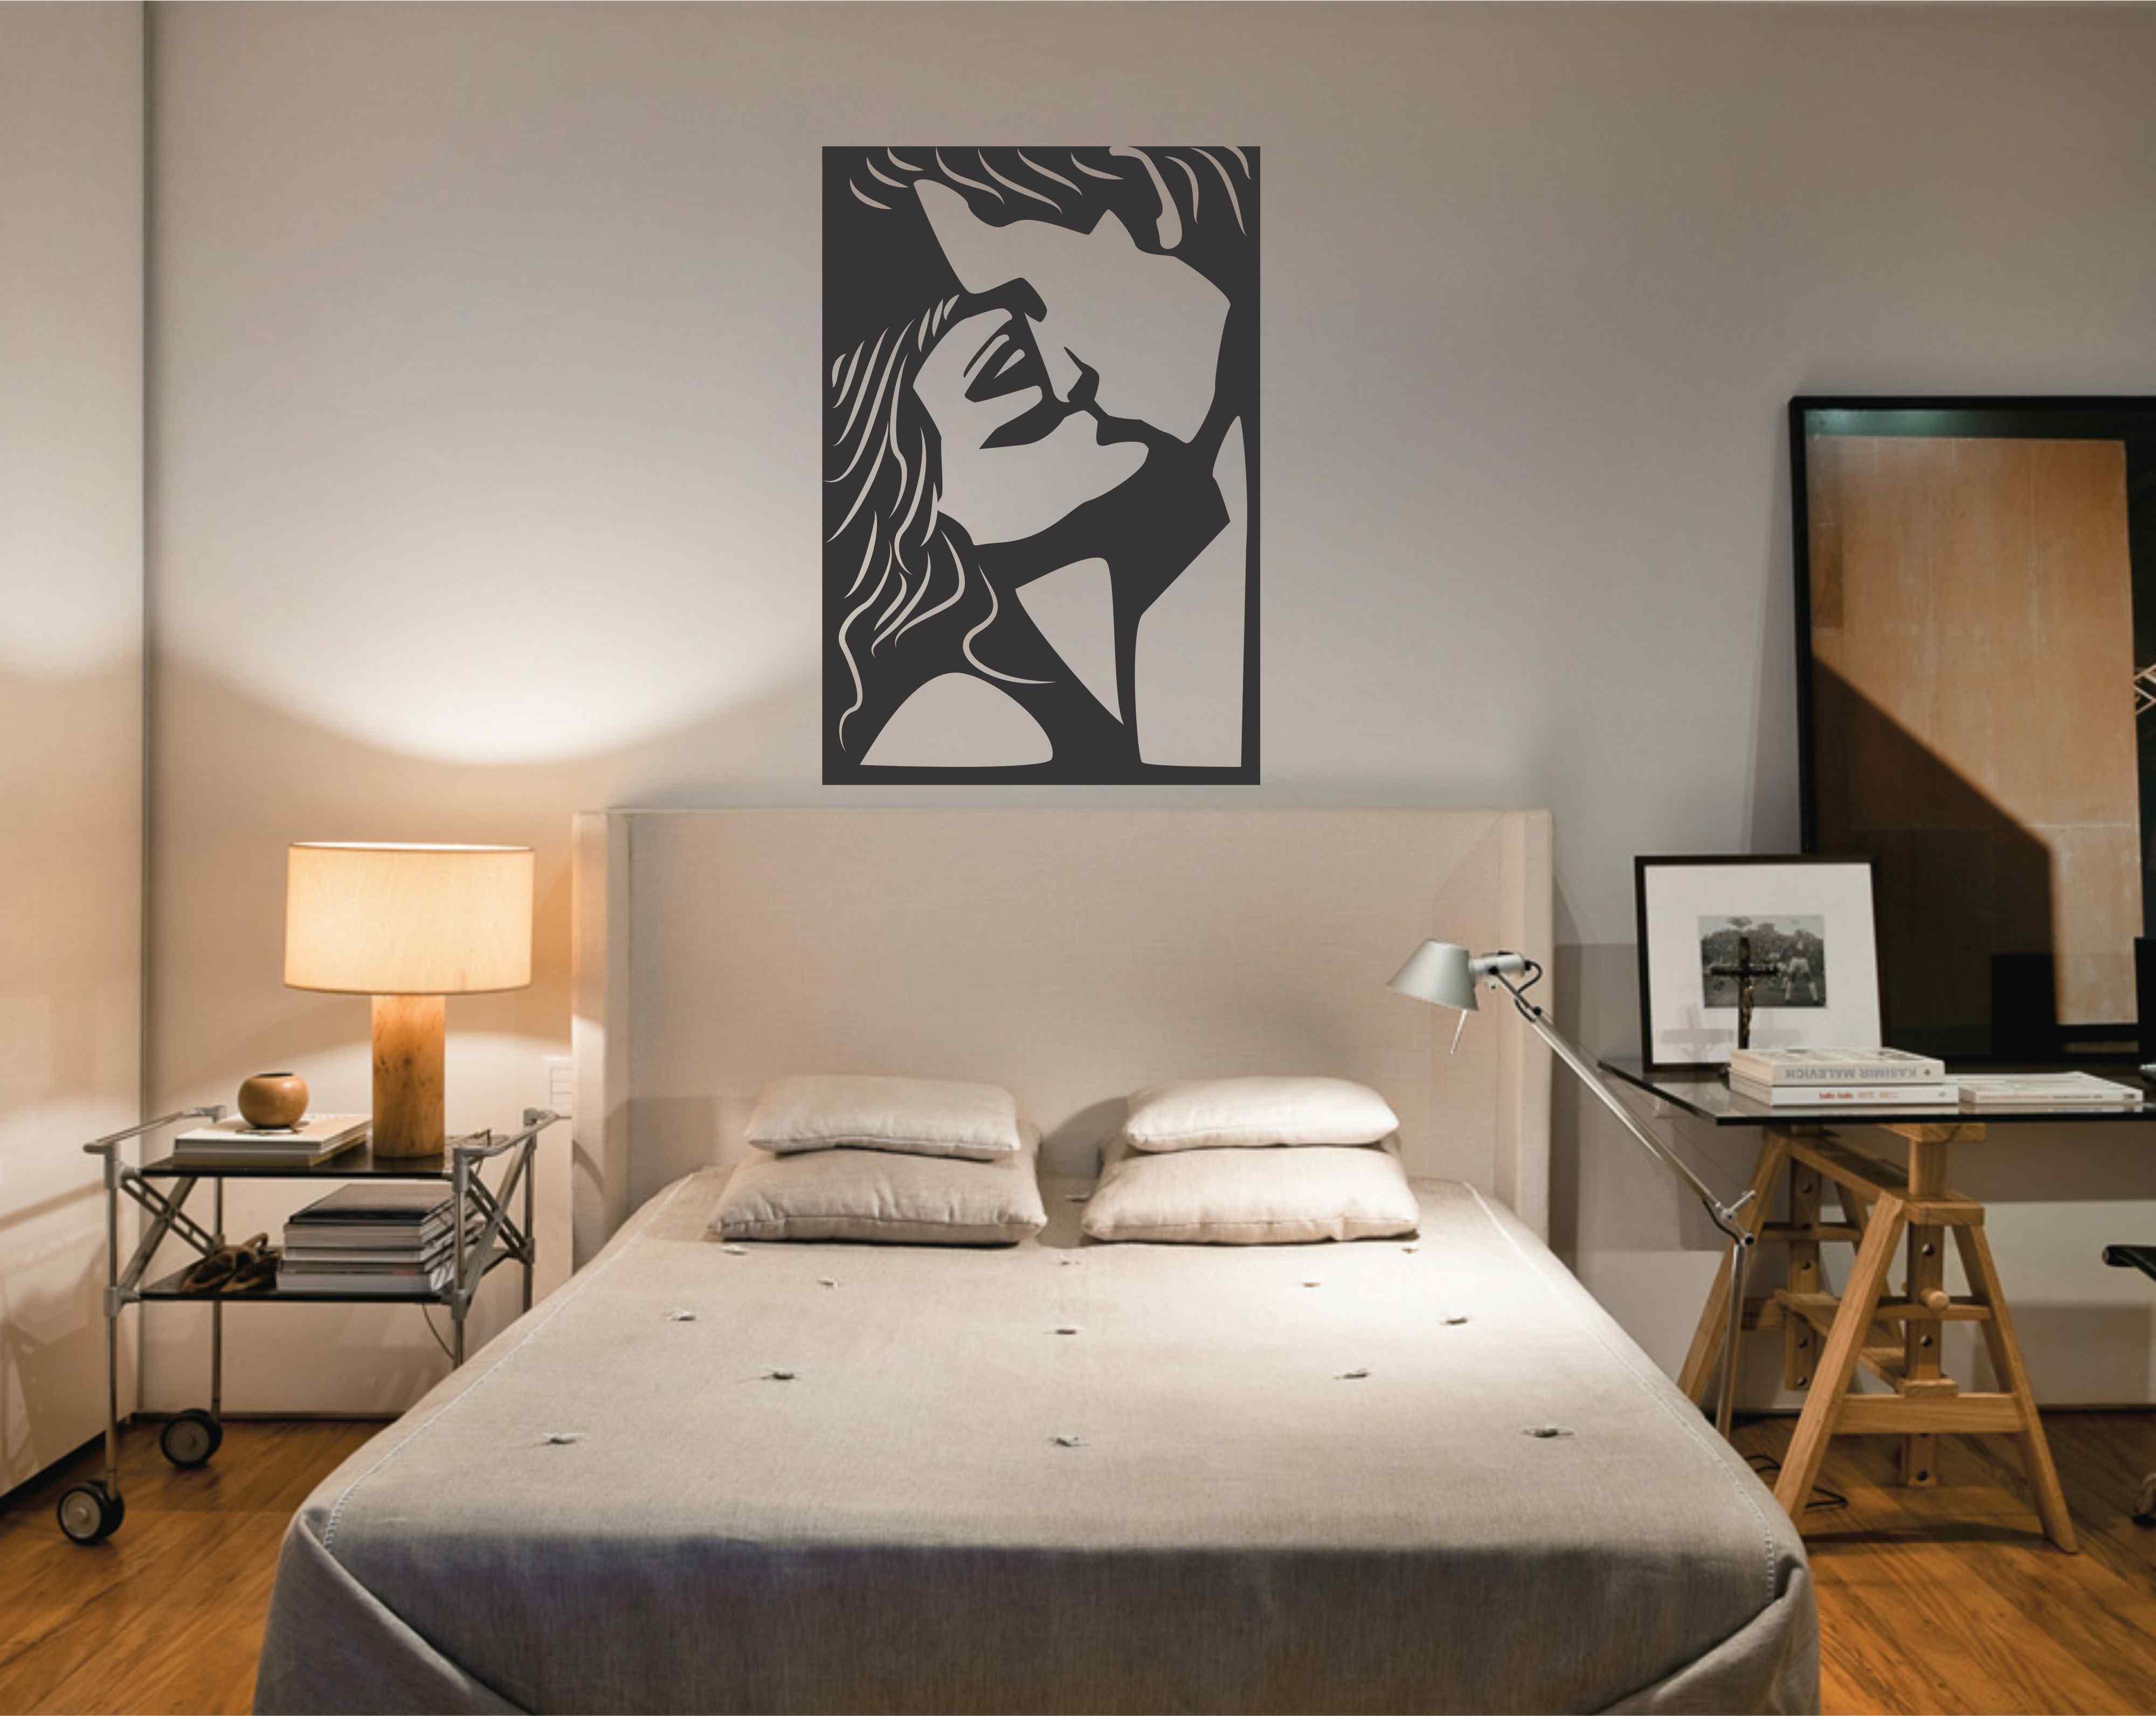 Entenda como decorar o quarto de casal para deixá-lo mais confortável